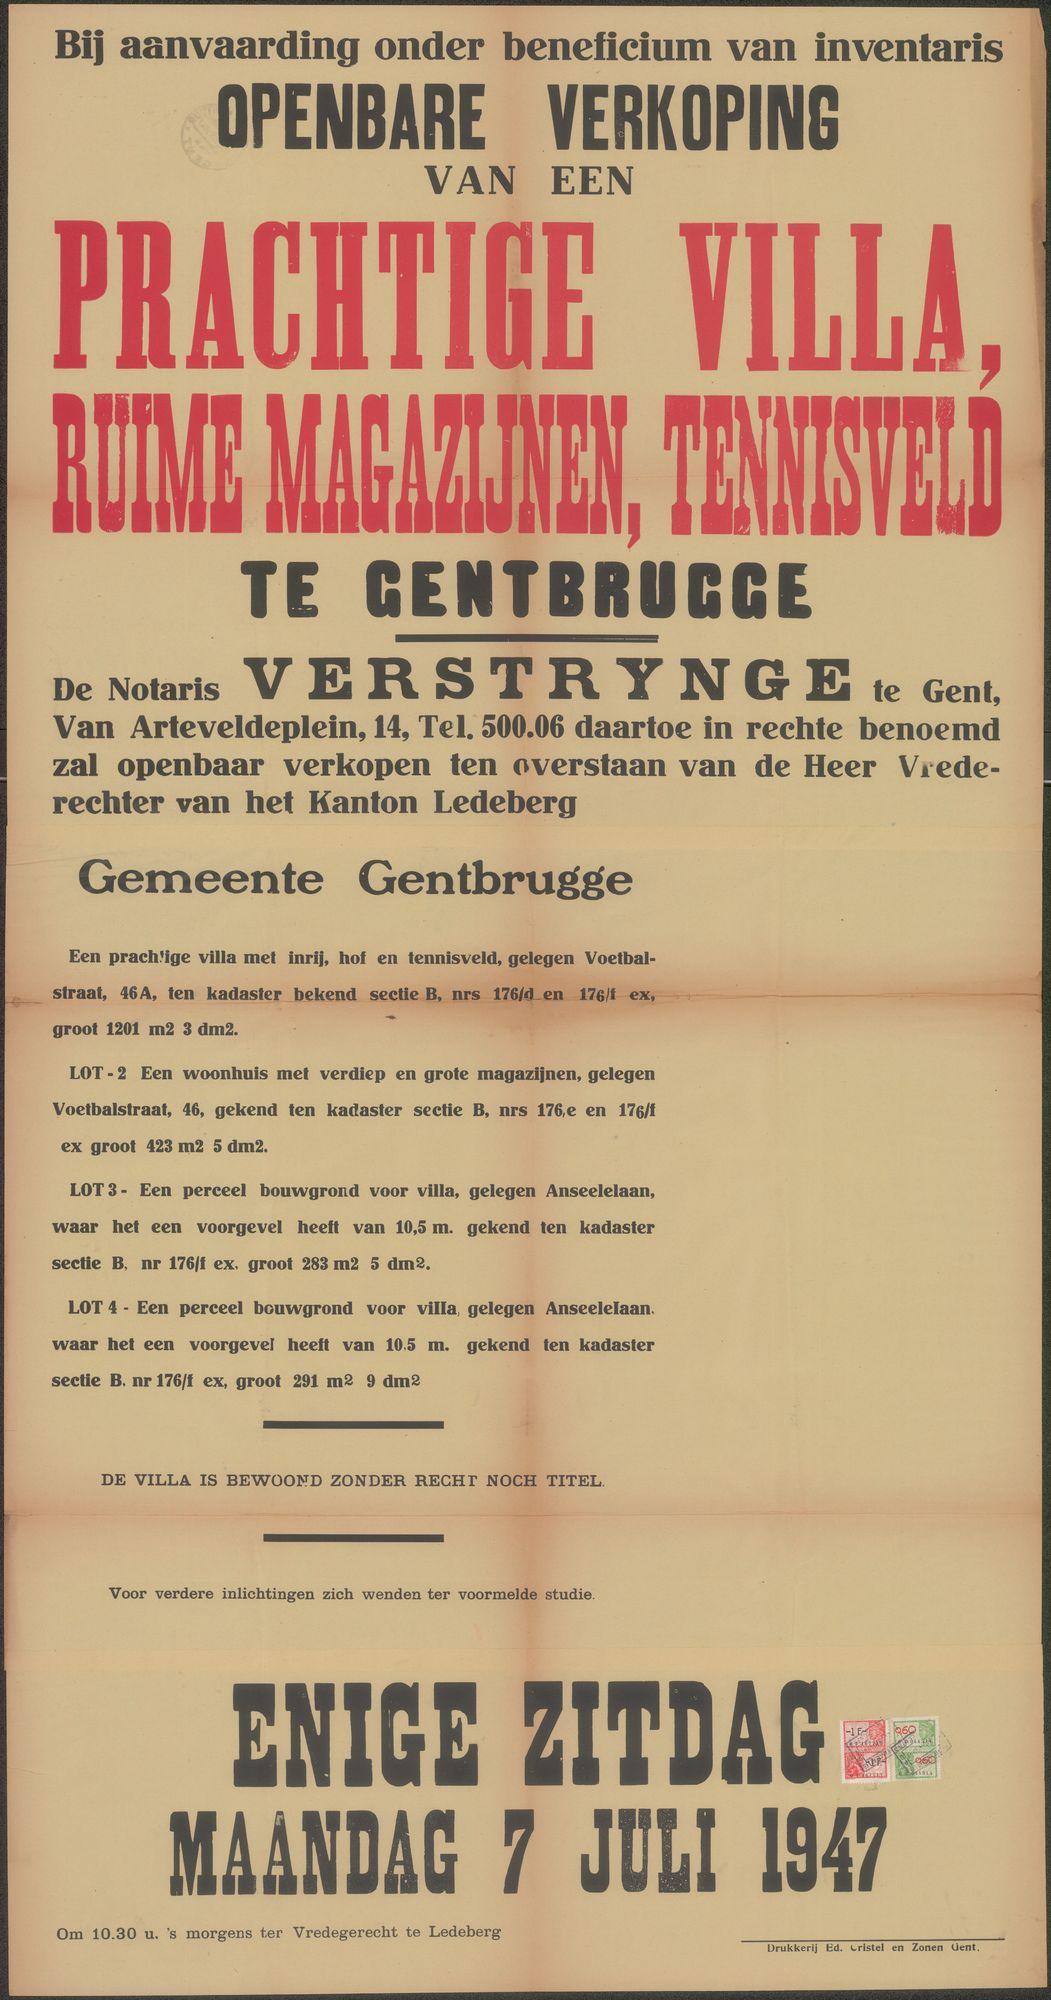 Openbare verkoop van een prachtige Villa, ruime magazijnen, tennisveld te Gentbrugge, Gent, 7 juli 1947